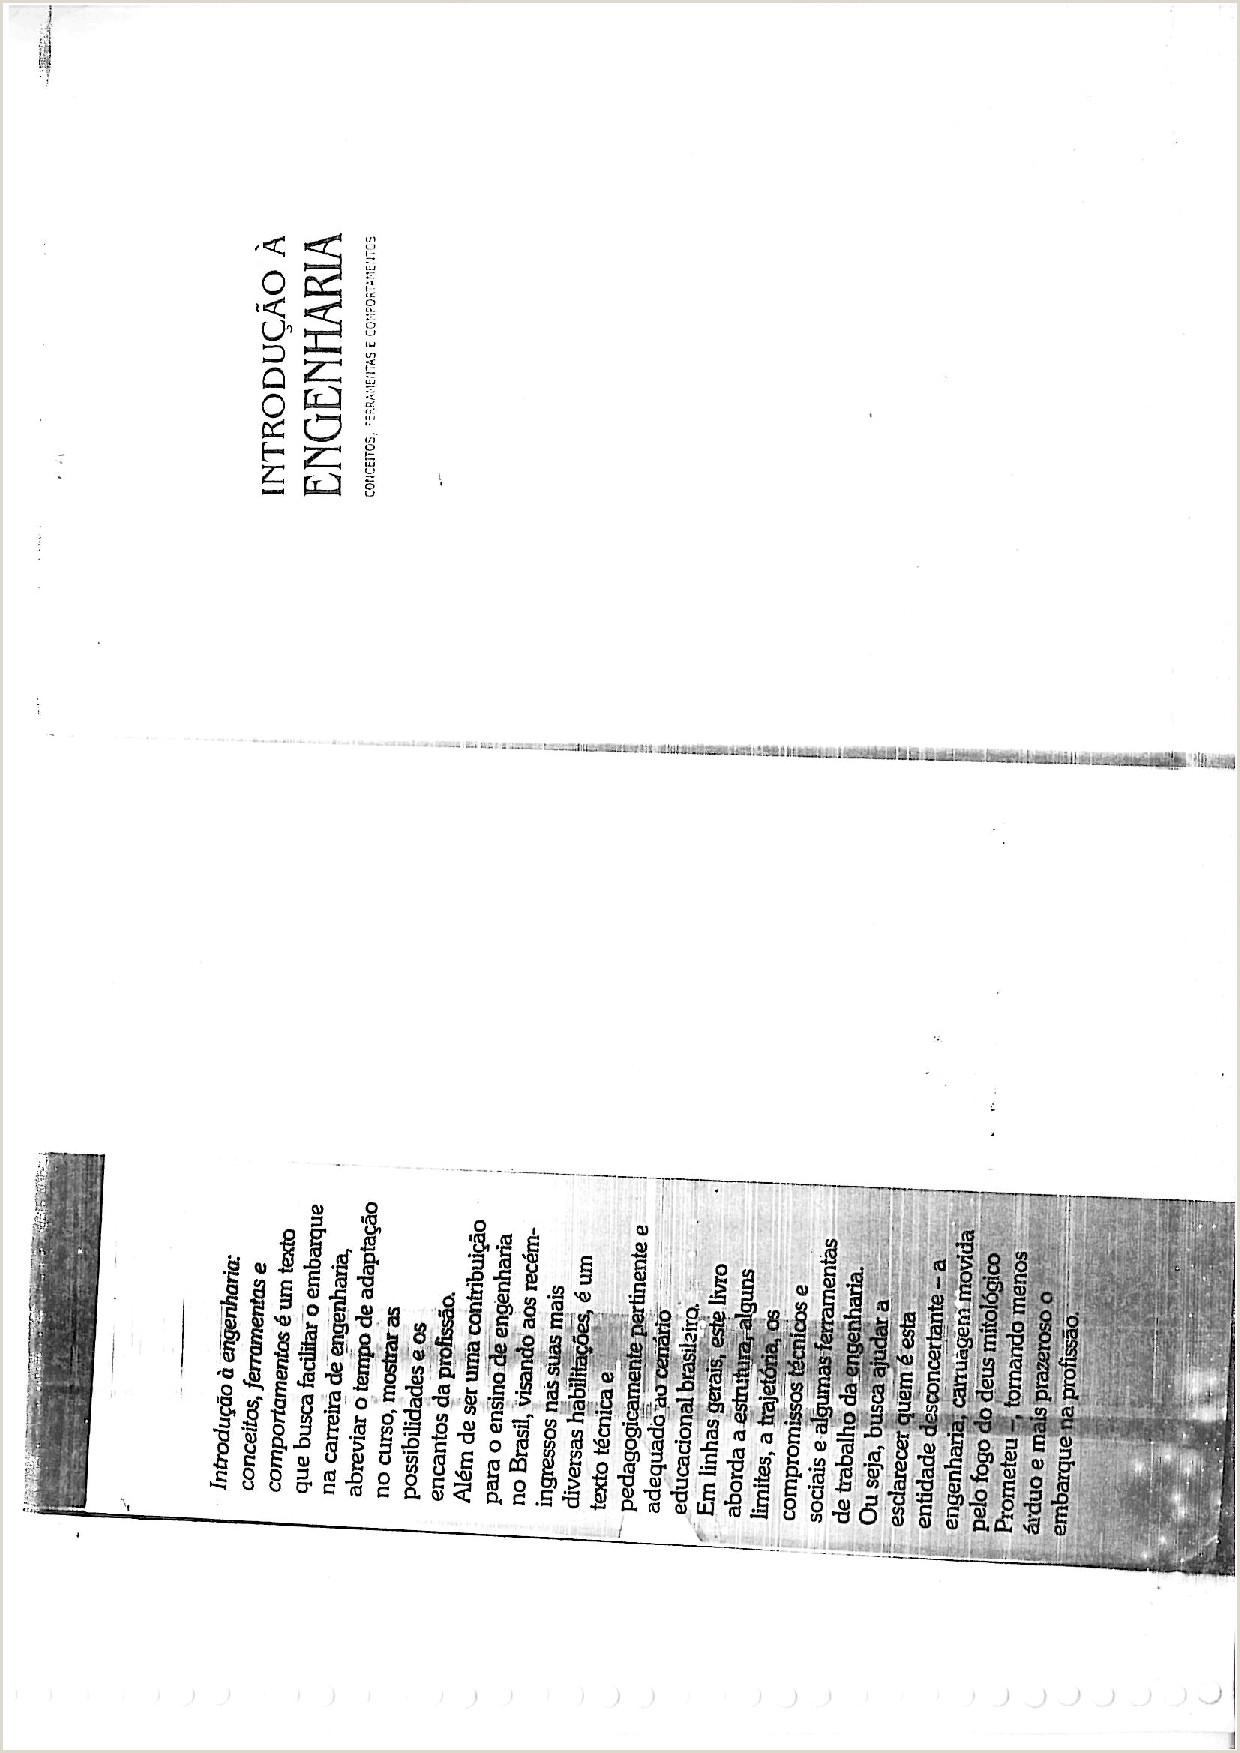 Livro de Introdu§£o a engenharia mec¢nica Introdu§£o a